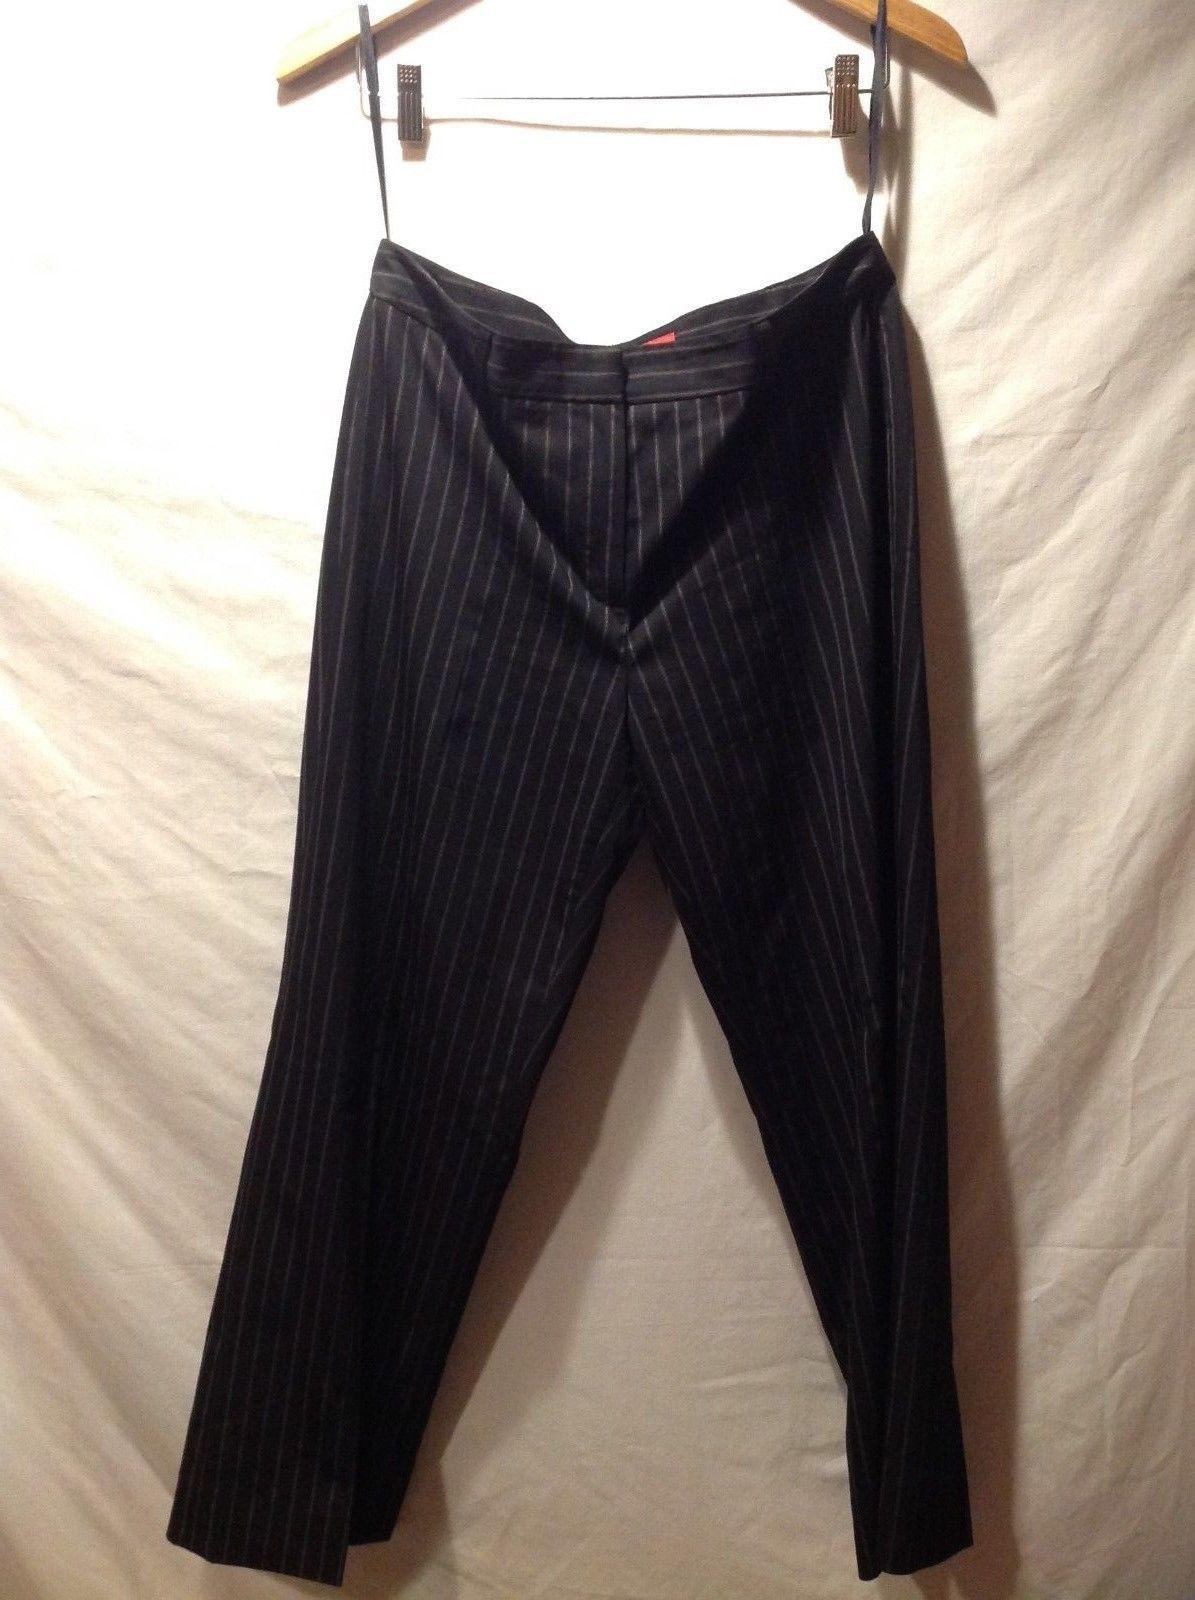 Ann Klein Black Striped Pants Size 10P